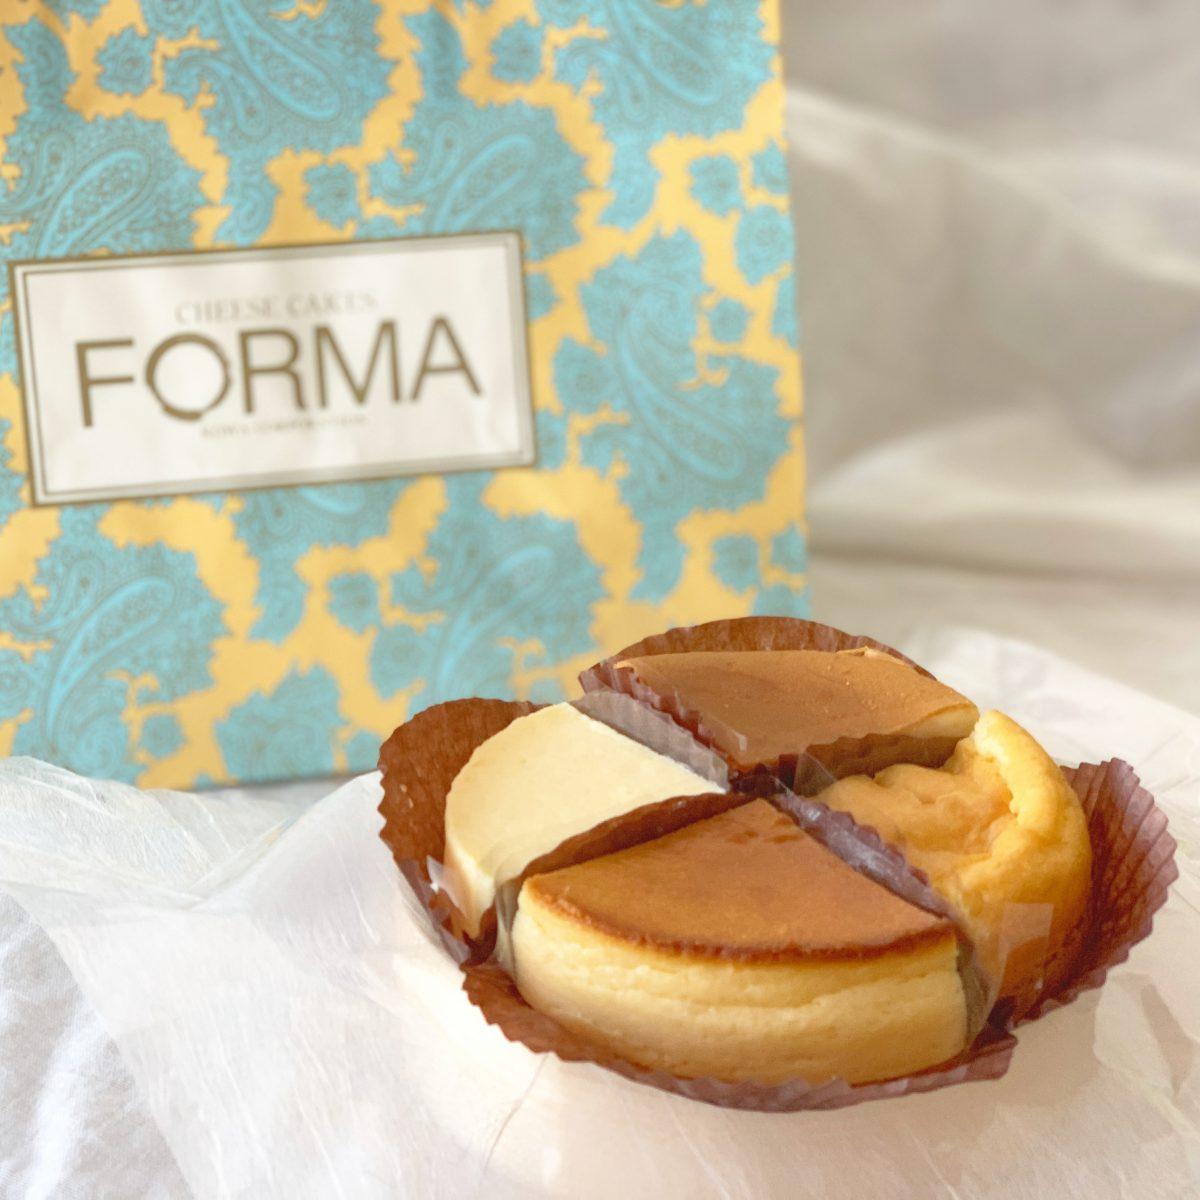 大阪土産に♡チーズケーキの名店『FORMA(フォルマ)』